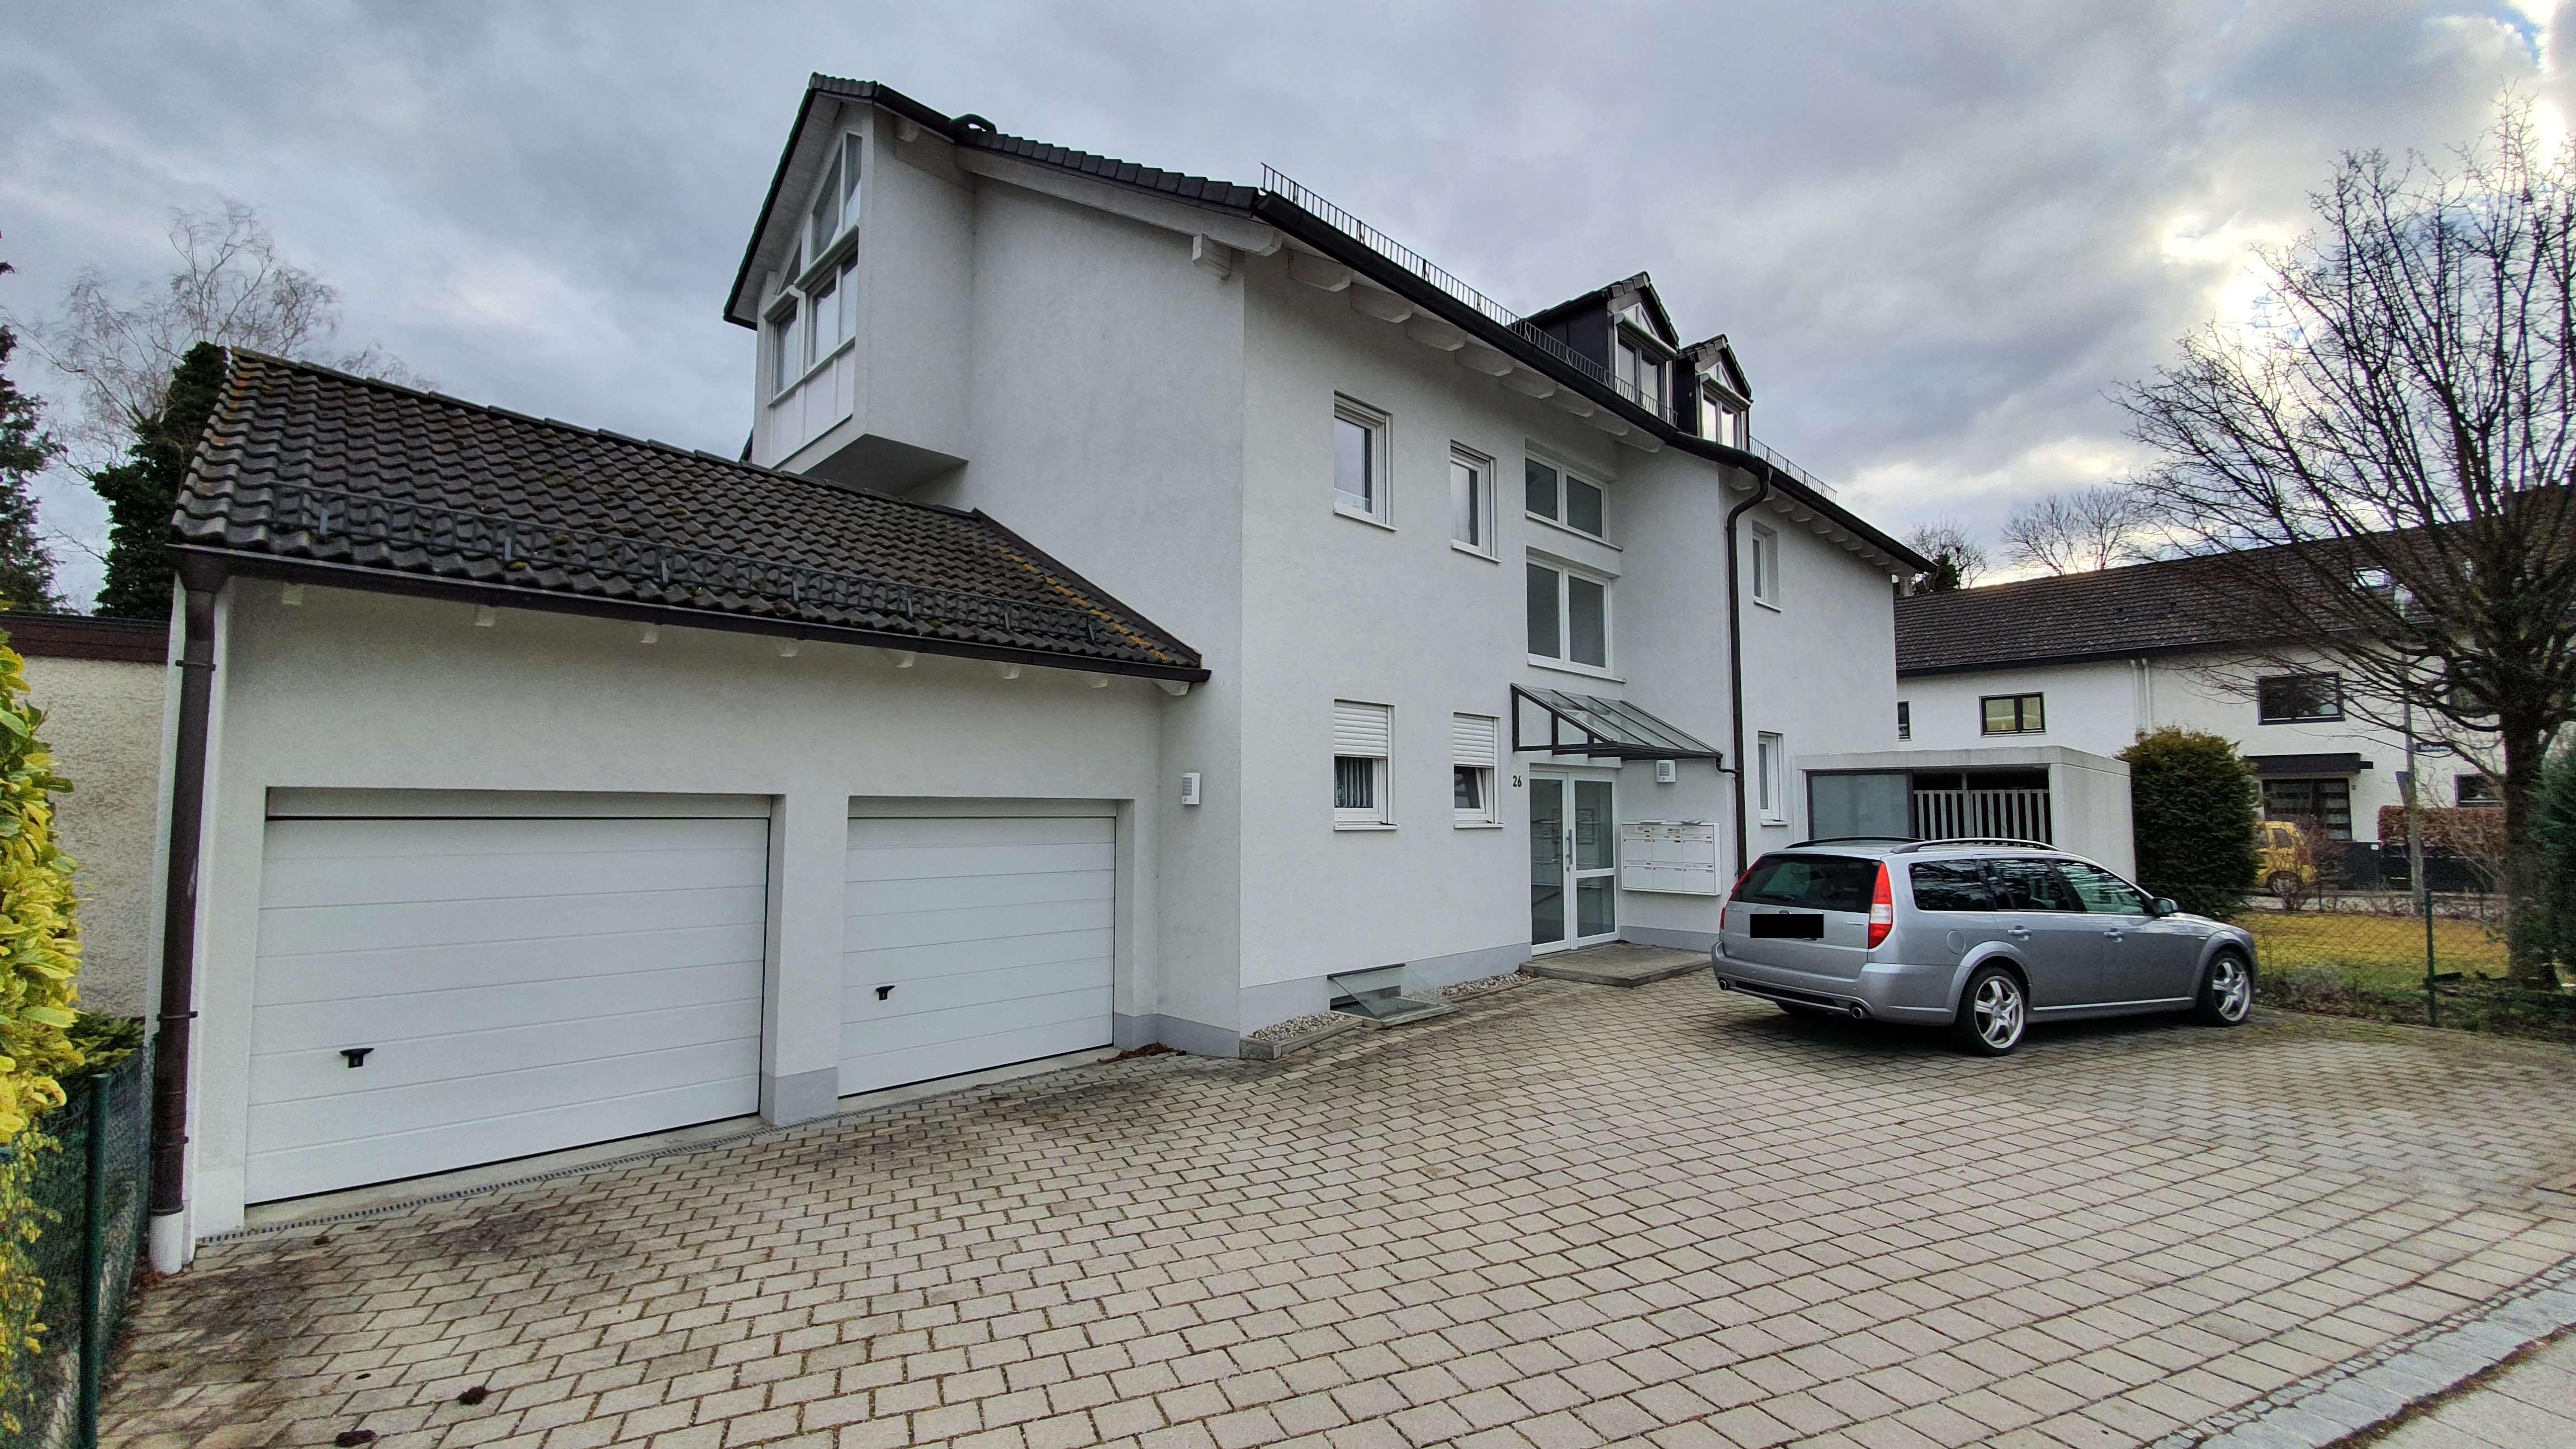 Große, neuwertige Split-Level 2,5-Zimmer-Wohnung mit Südbalkon und Einbauküche in Gröbenzell in Gröbenzell